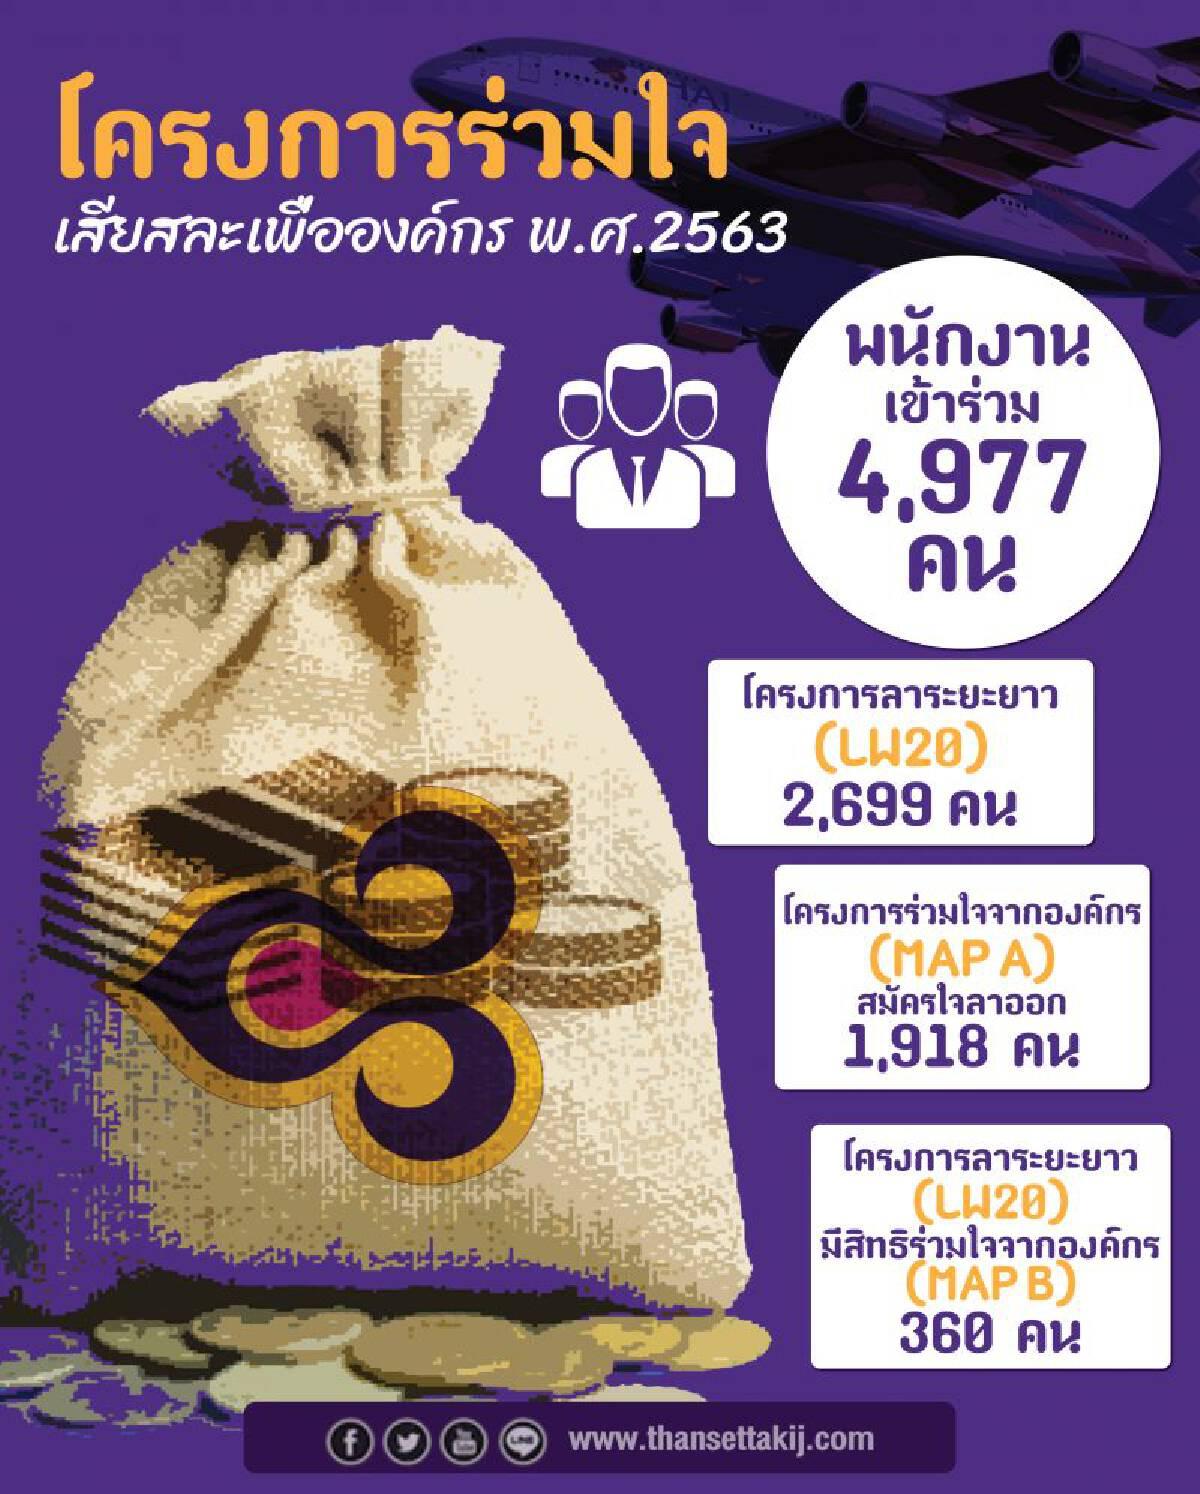 พนักงานการบินไทย เฉียด  5 พันคน ร่วมใจเสียสละเพื่อองค์กร เออรี่รีไทร์ 1.91 พันคน